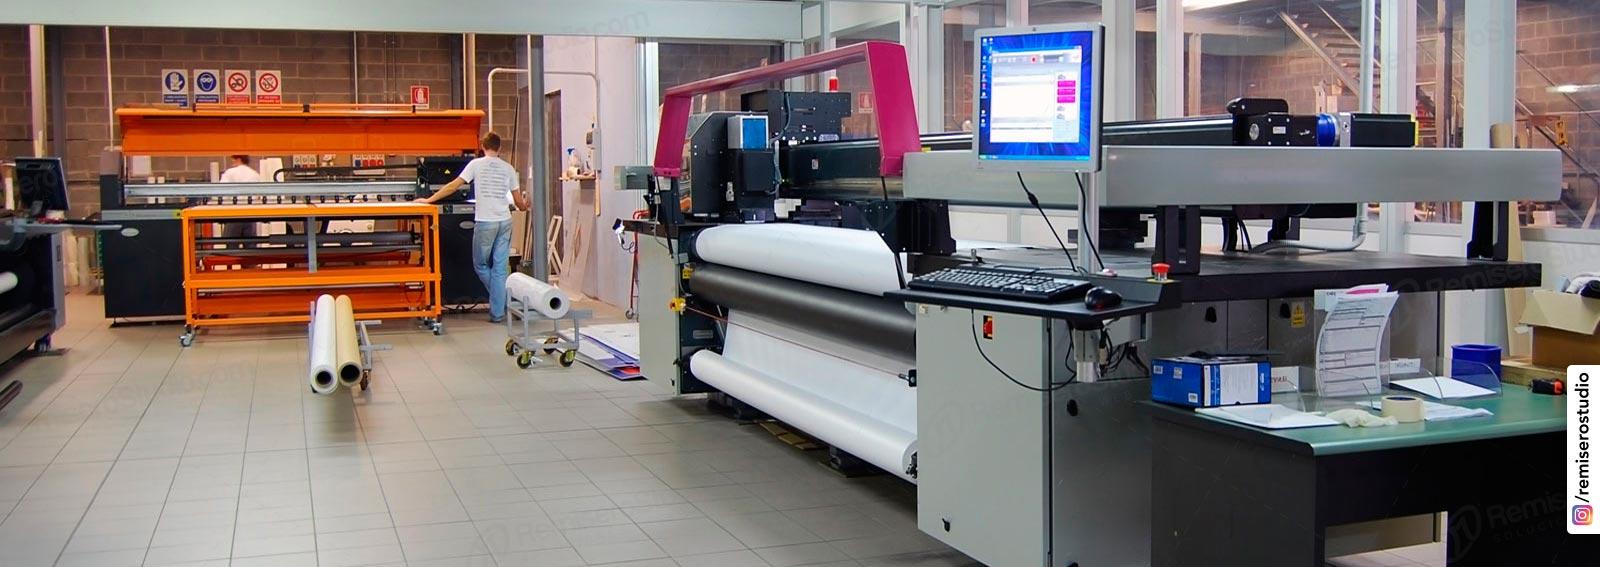 Impresión de gigantografías en alta resolución 1440 dpi.